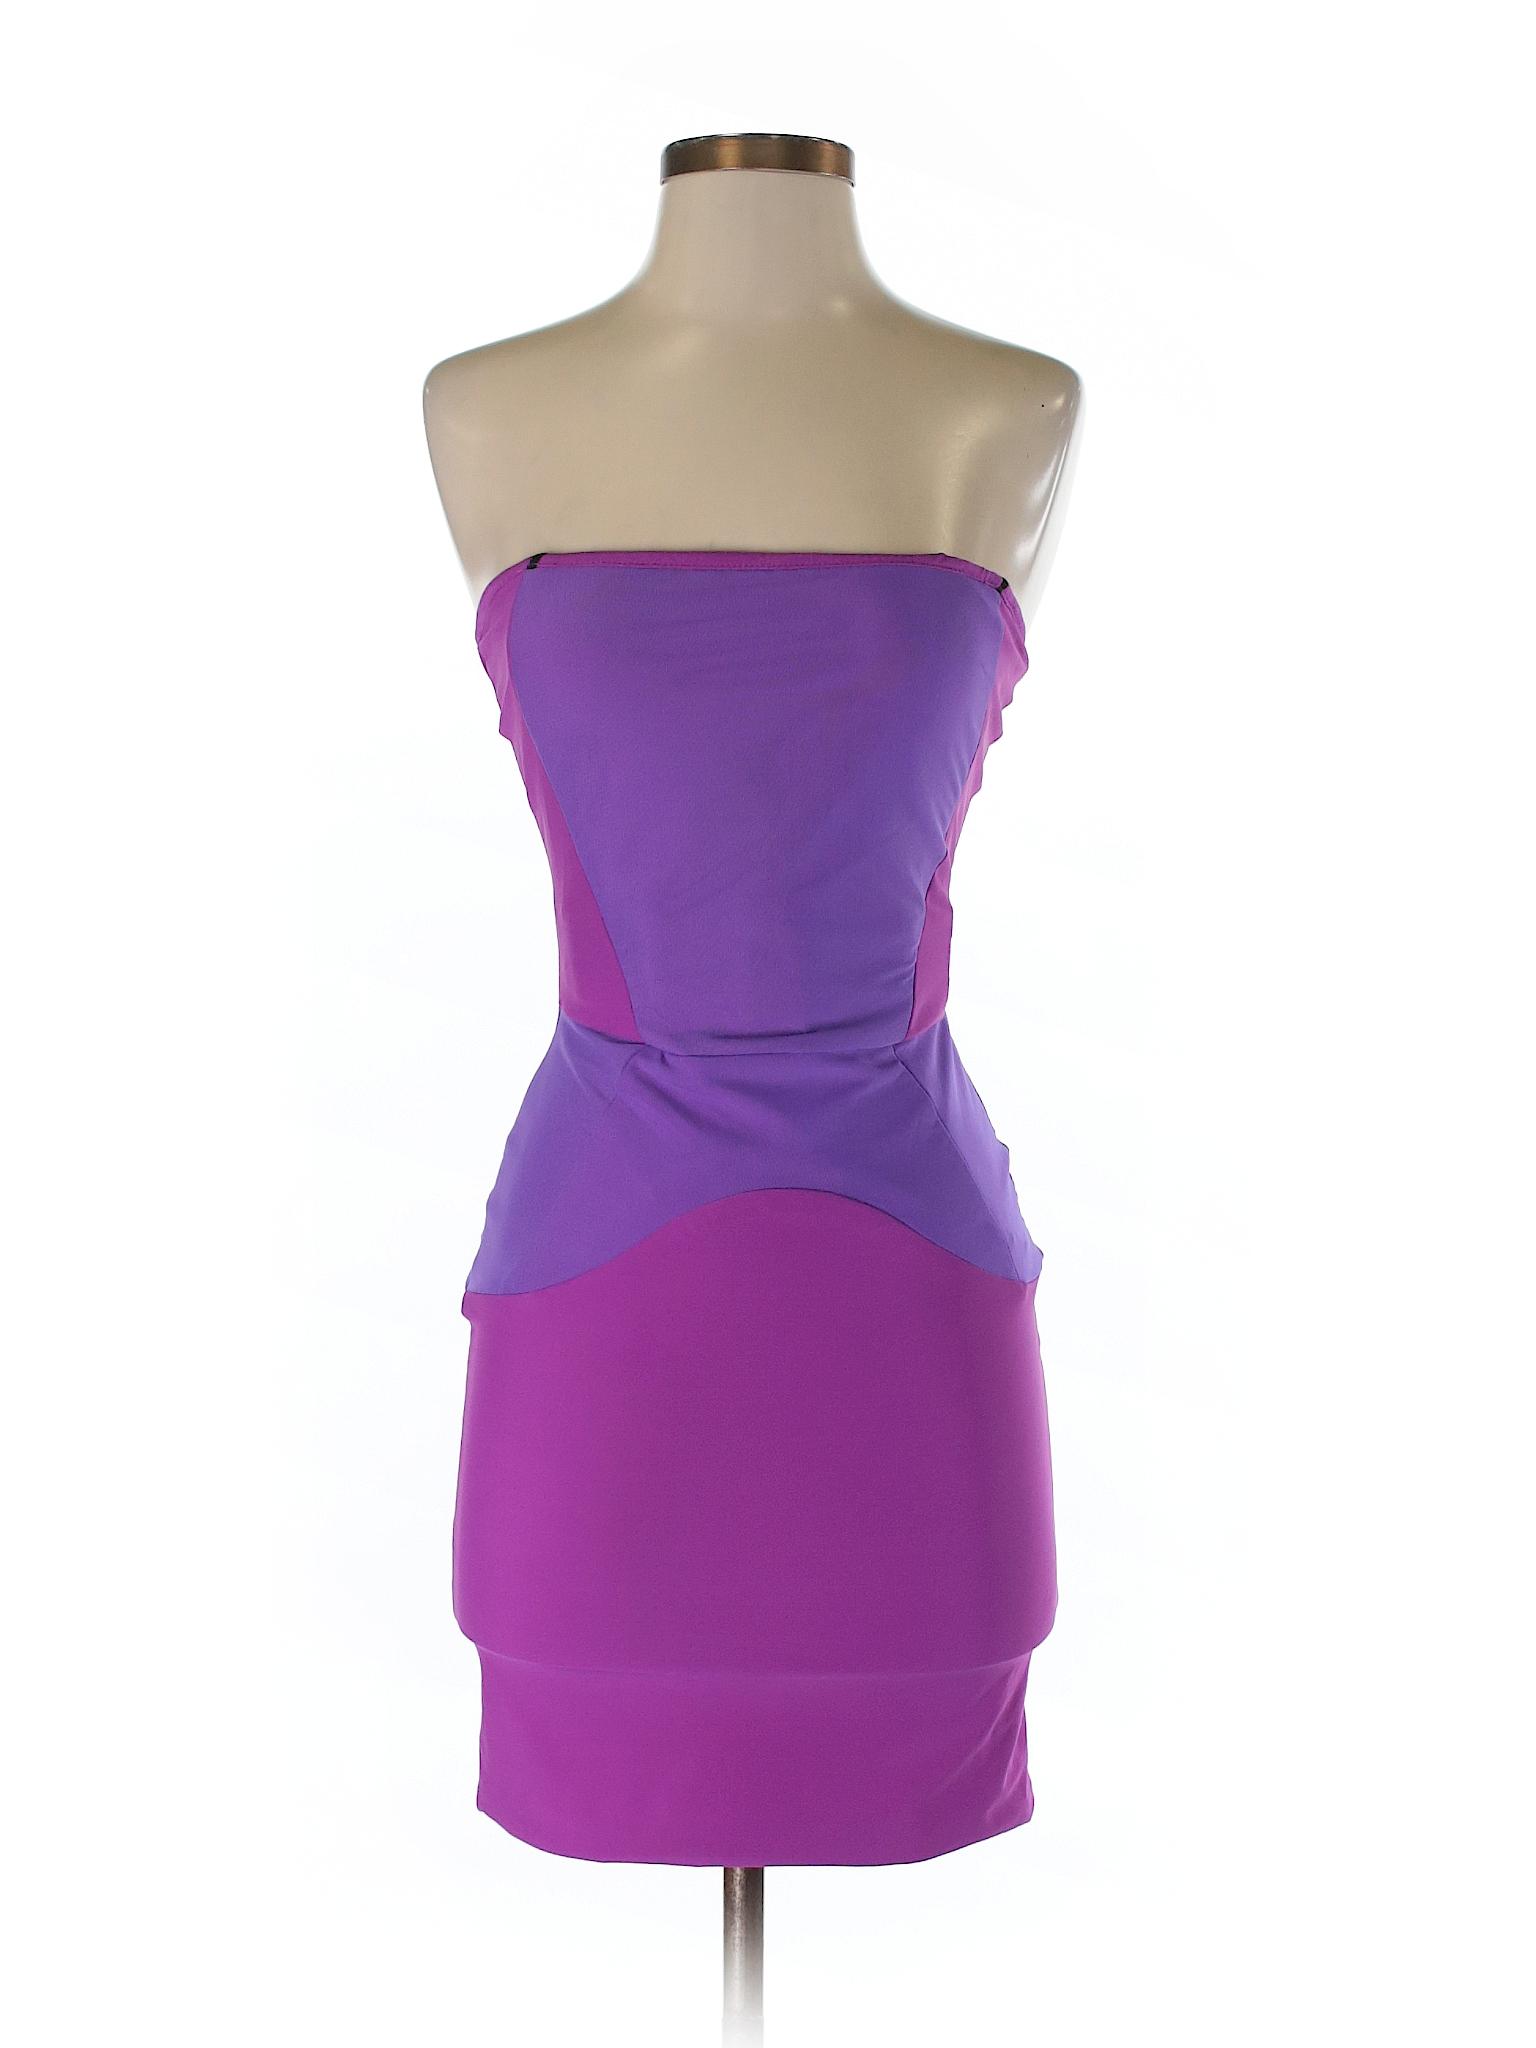 winter Dress Boulee Boutique Boutique Dress Casual winter Casual Boutique Boulee x4HP4w